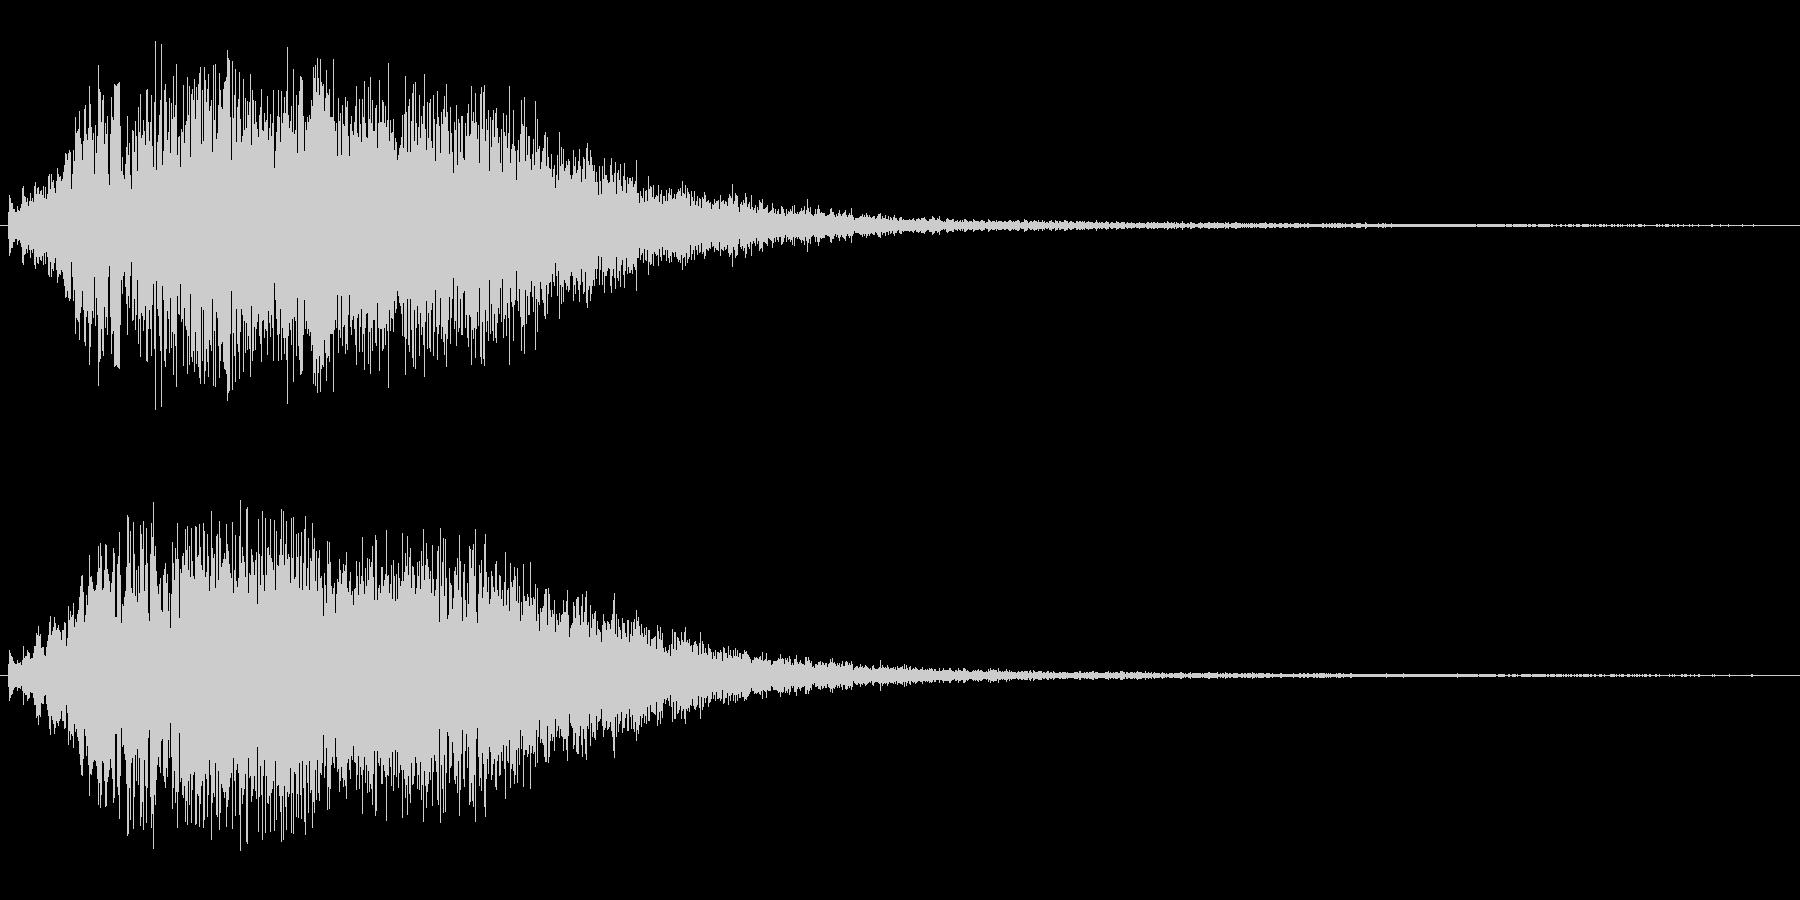 キラキラアップ(響きあり)の未再生の波形